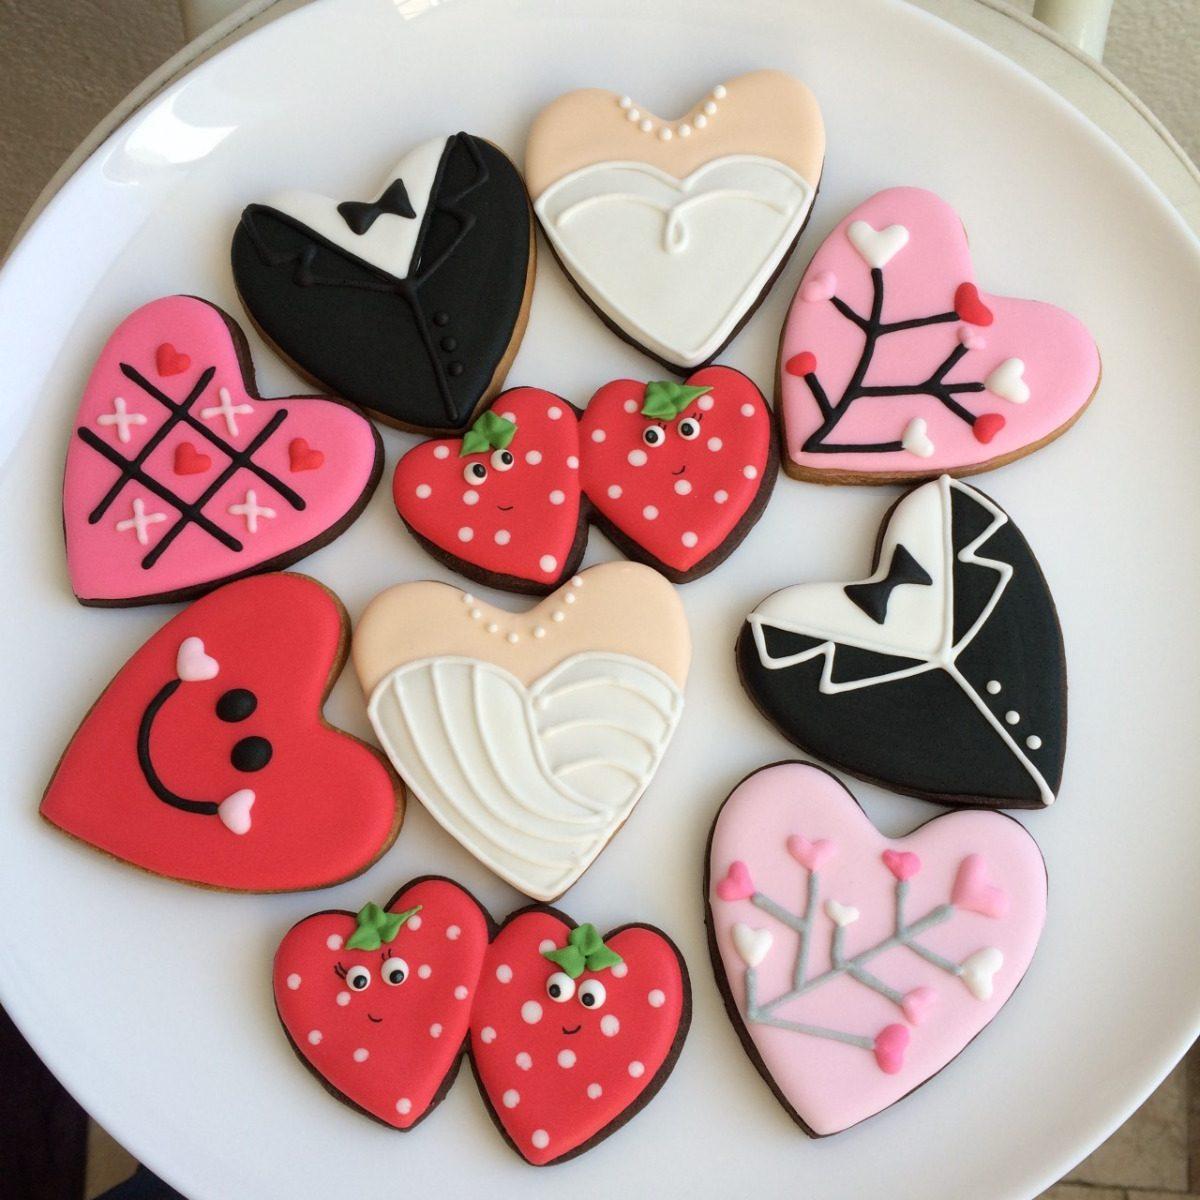 Galletas Decoradas Amor Amistad 14 Febrero San Valentin